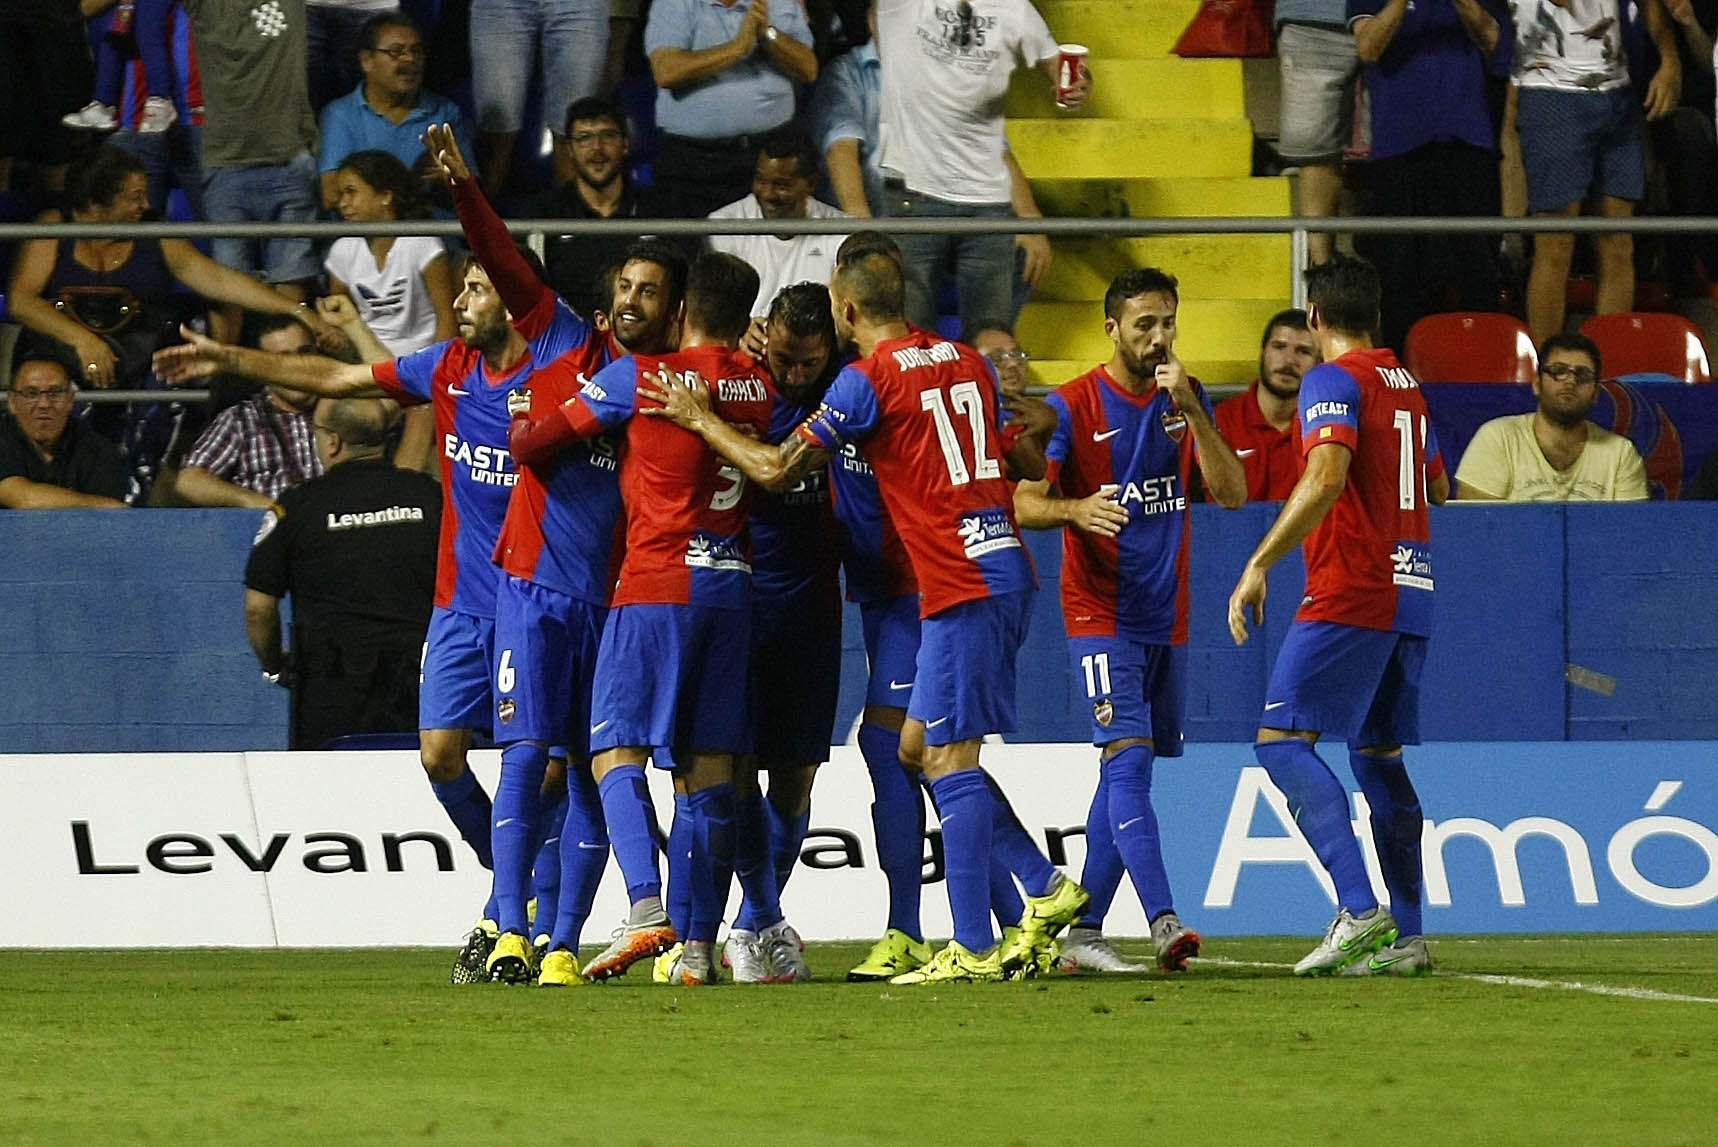 Prediksi Skor Levante vs UCAM Murcia 27 Mei 2017